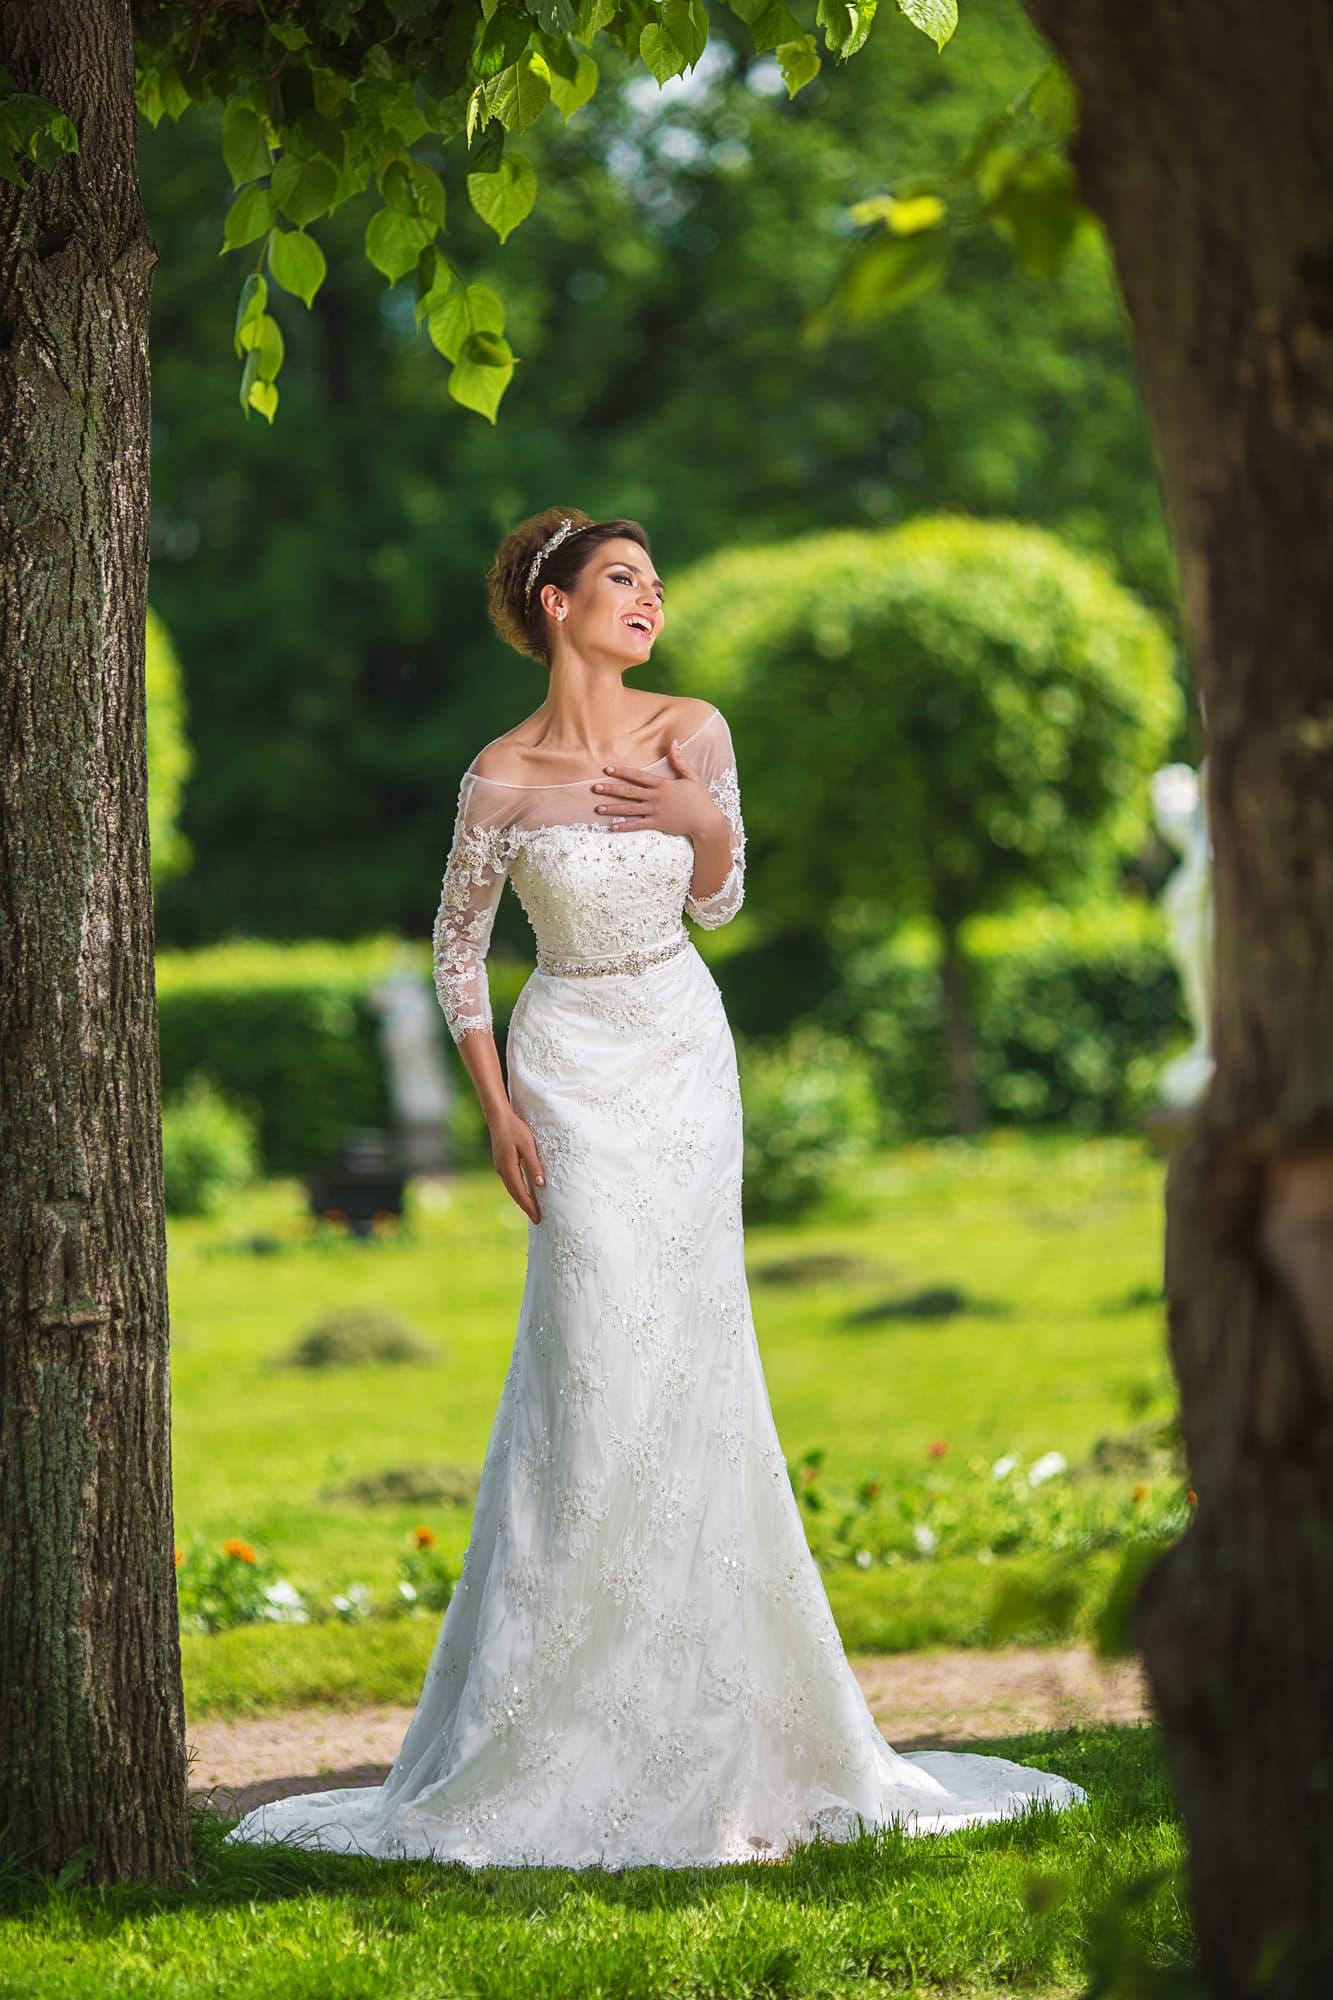 Прямое свадебное платье с портретным декольте и длинным рукавом из тонкой ткани.